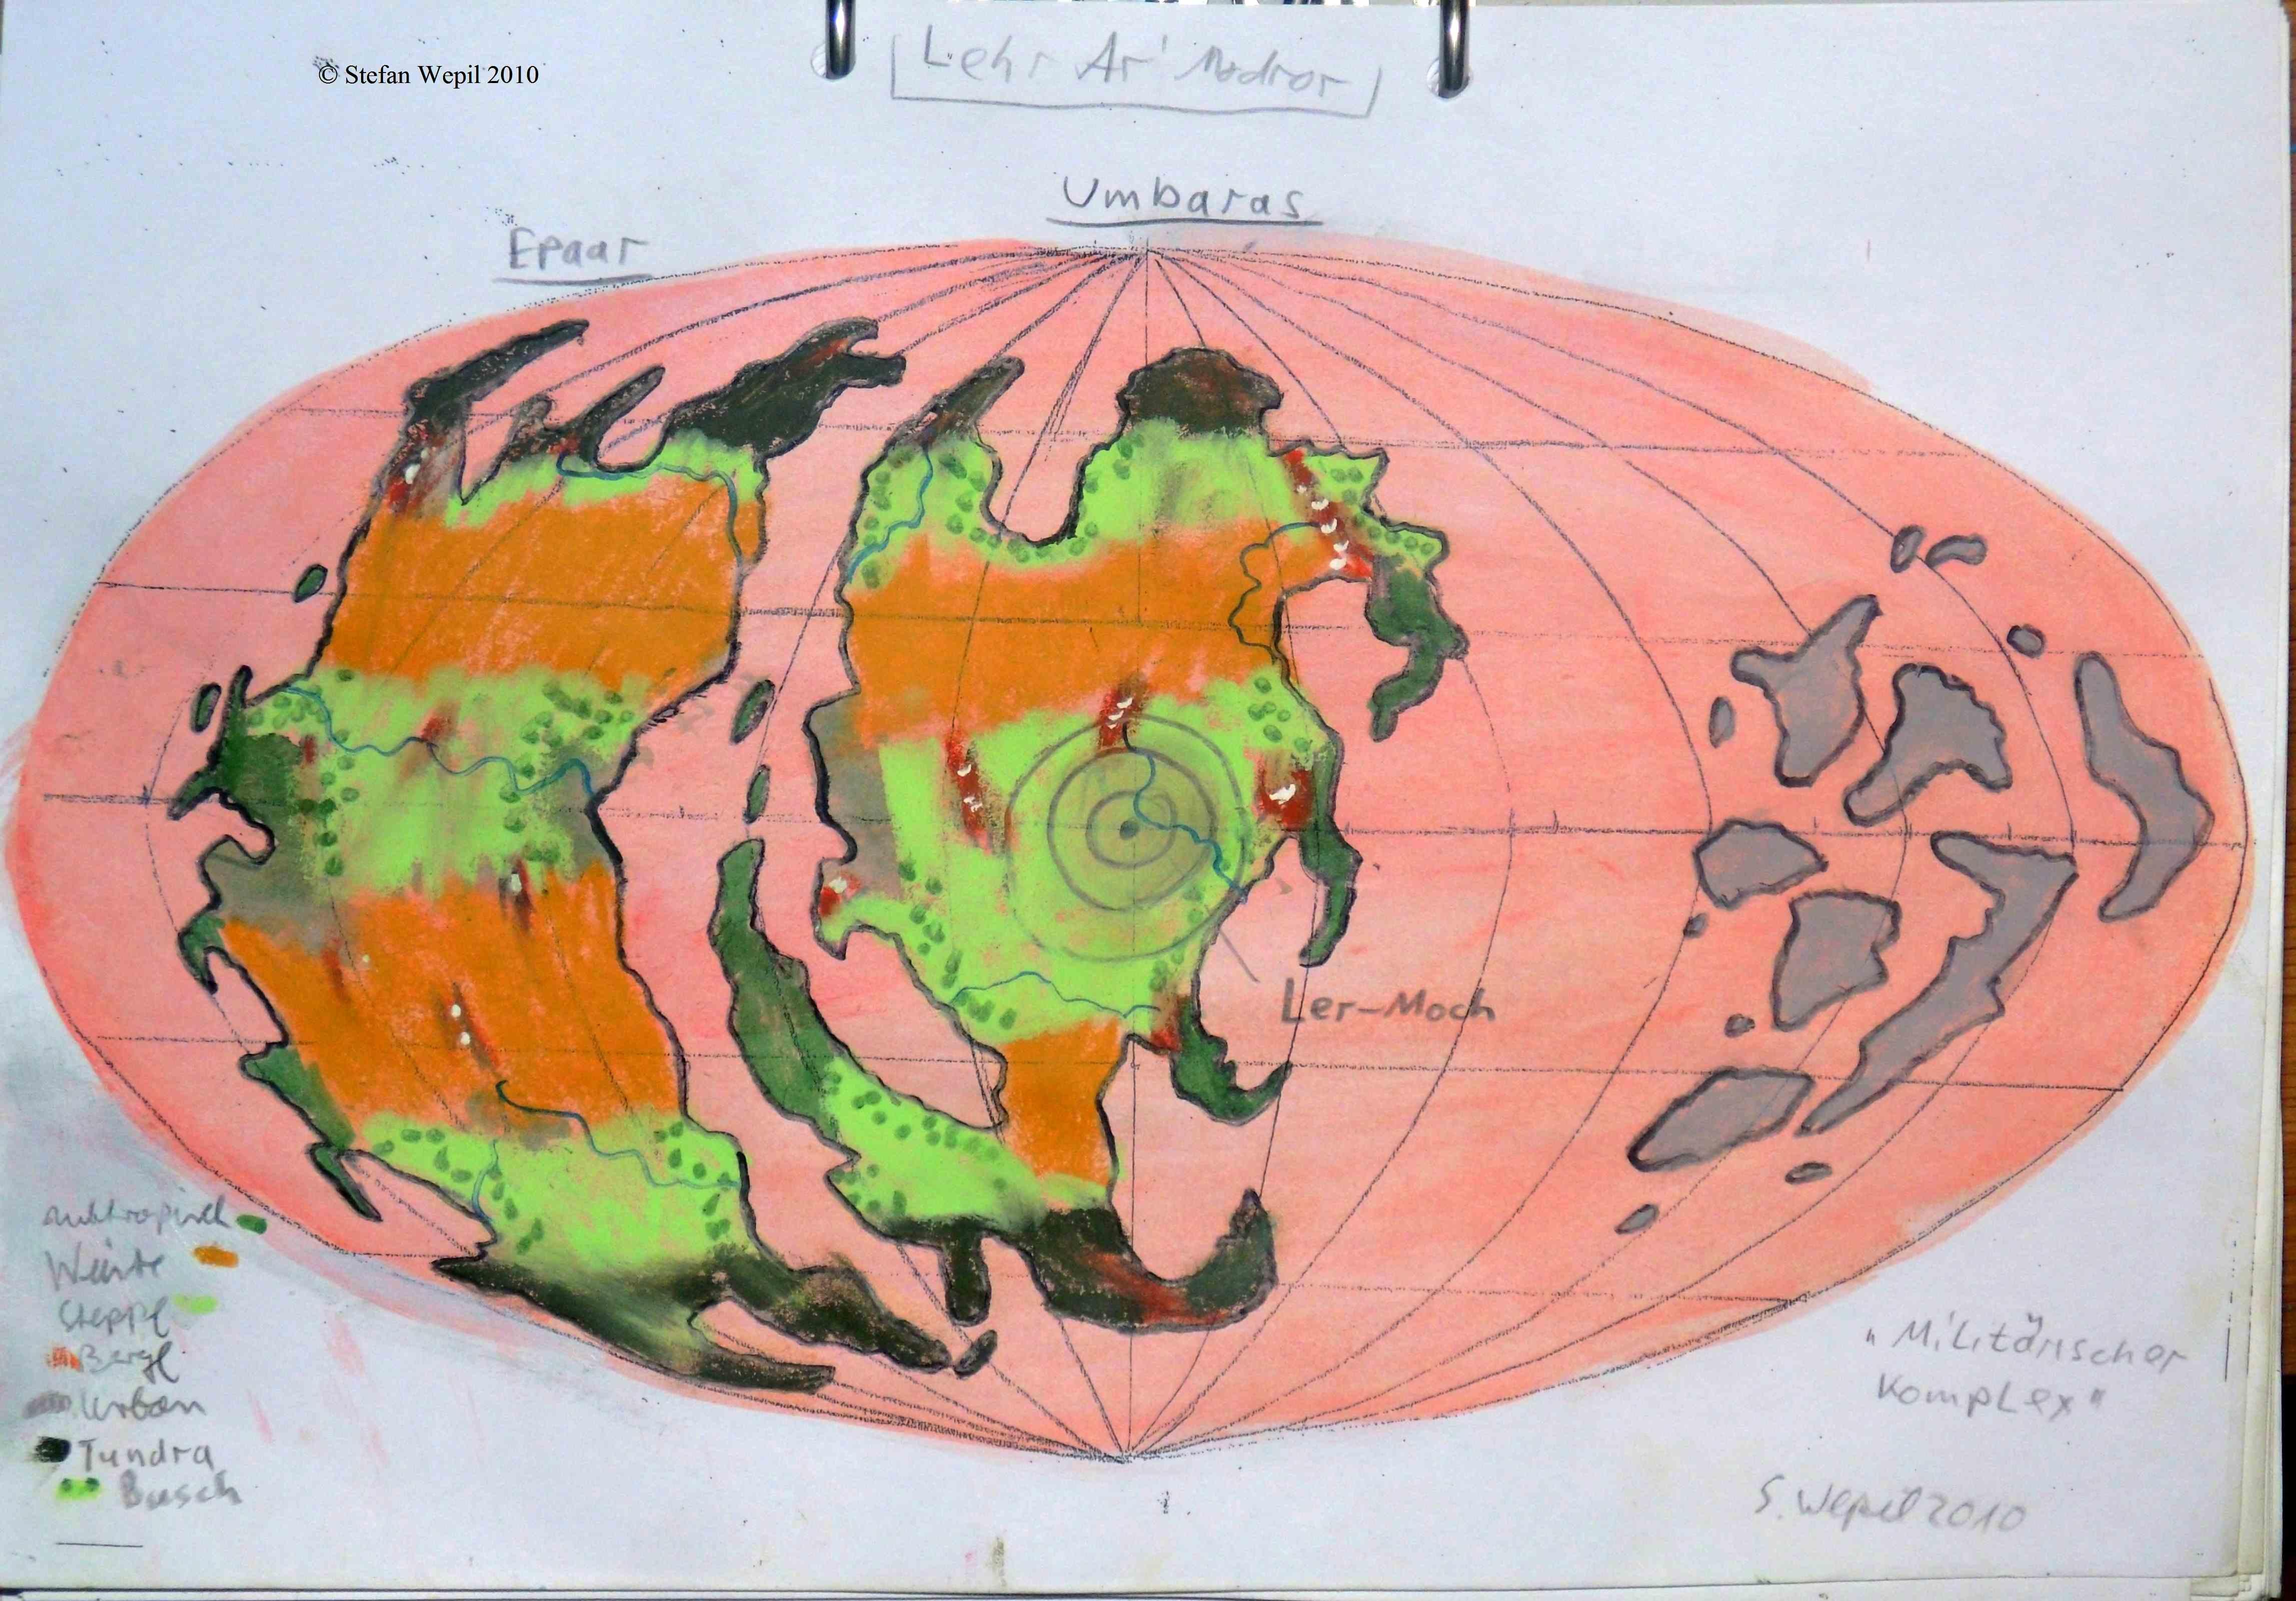 Lehr'Ar'Modror Planetenkarte (C) Stefan Wepil